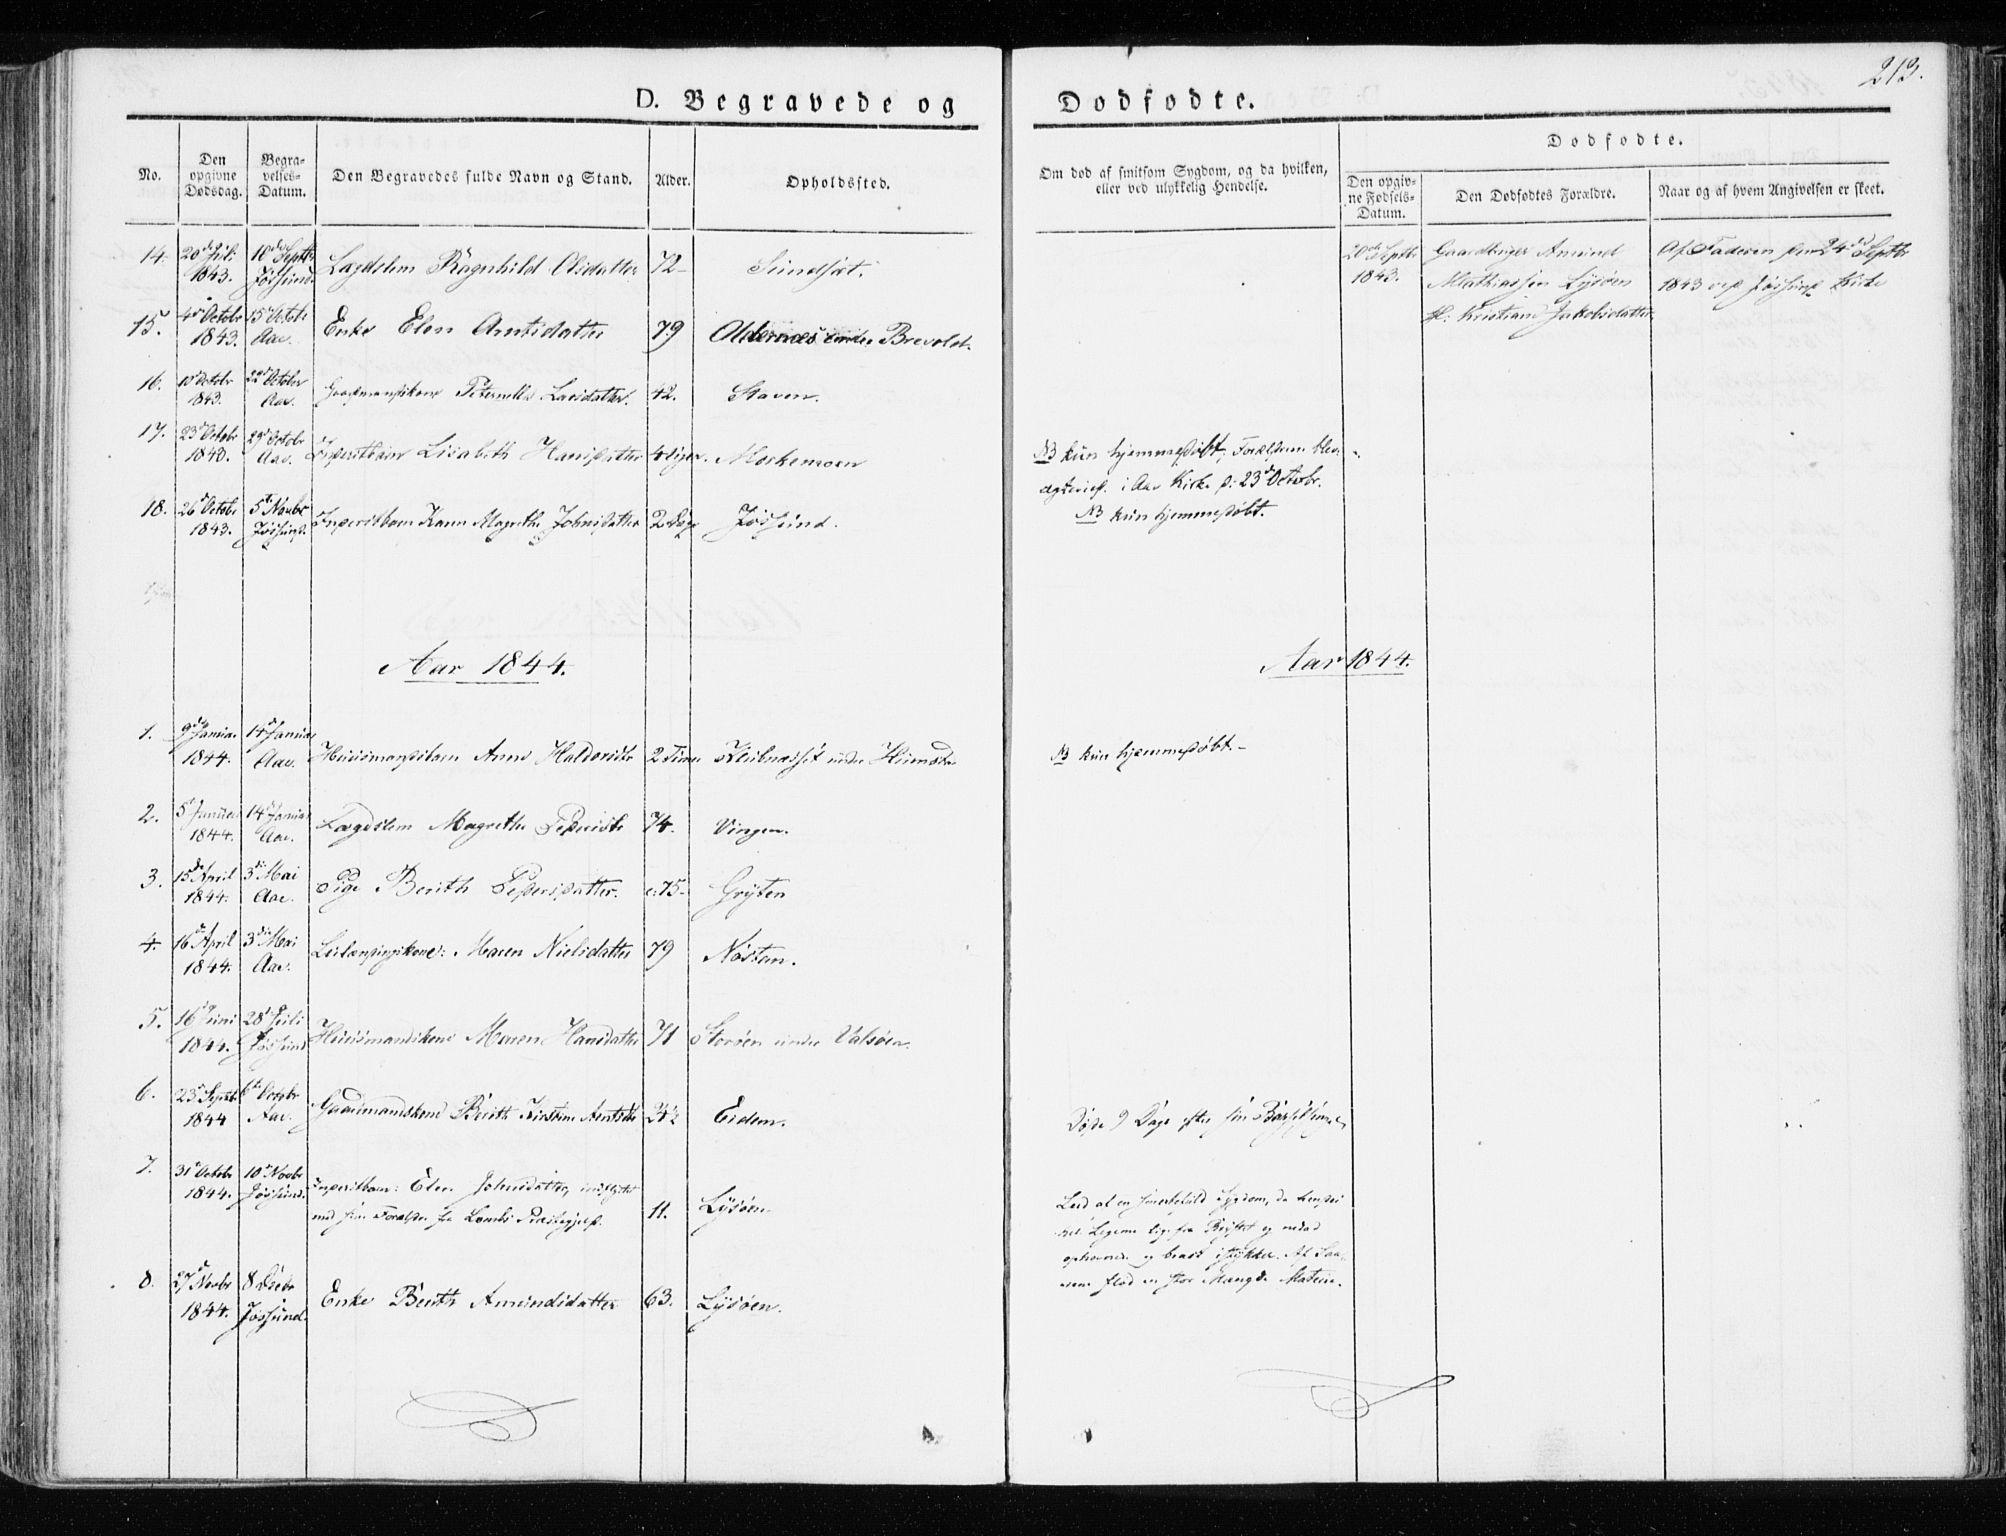 SAT, Ministerialprotokoller, klokkerbøker og fødselsregistre - Sør-Trøndelag, 655/L0676: Ministerialbok nr. 655A05, 1830-1847, s. 213